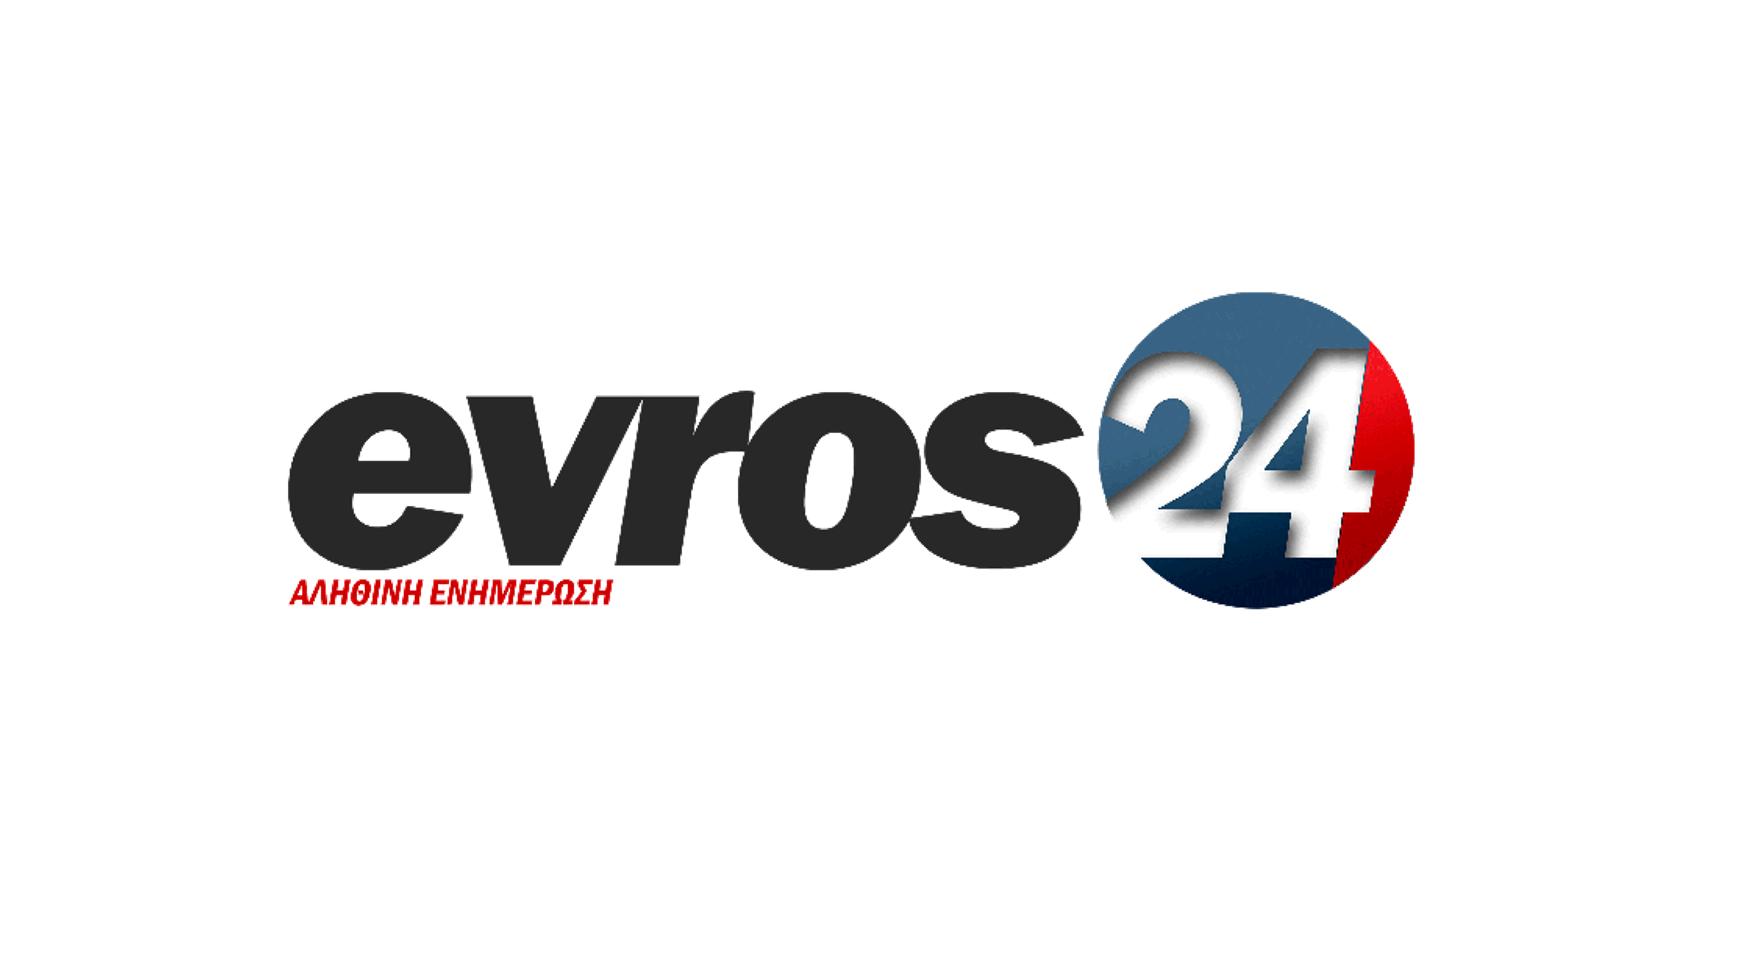 Evros 24